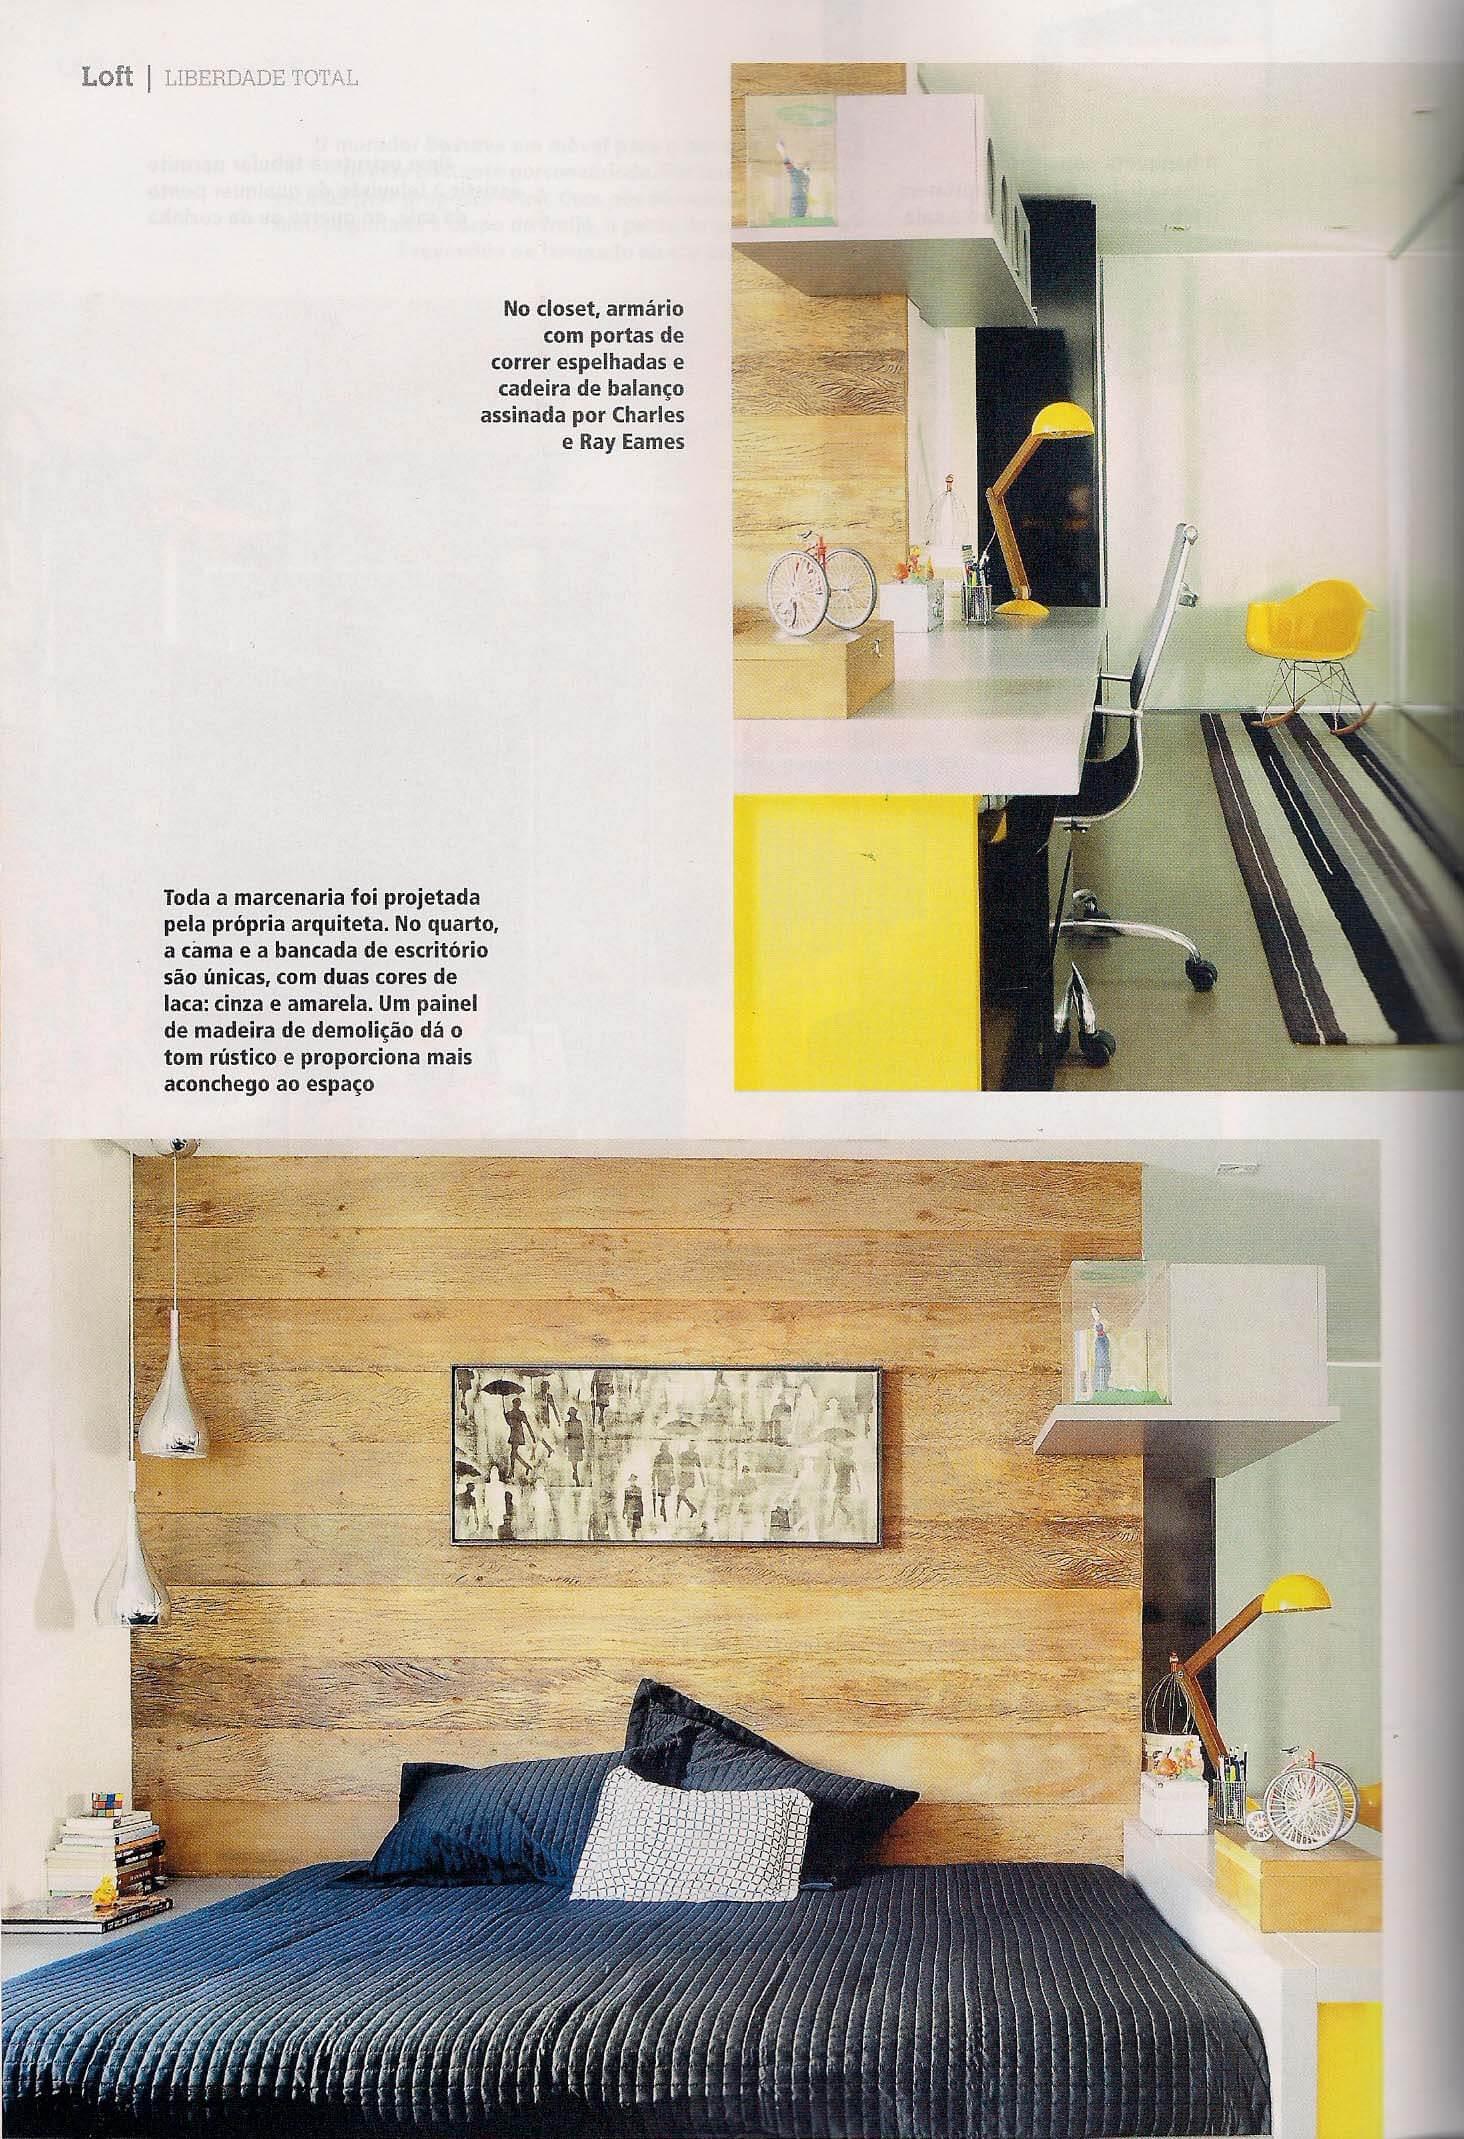 Casa & Decoracao - ago 2012 - 4